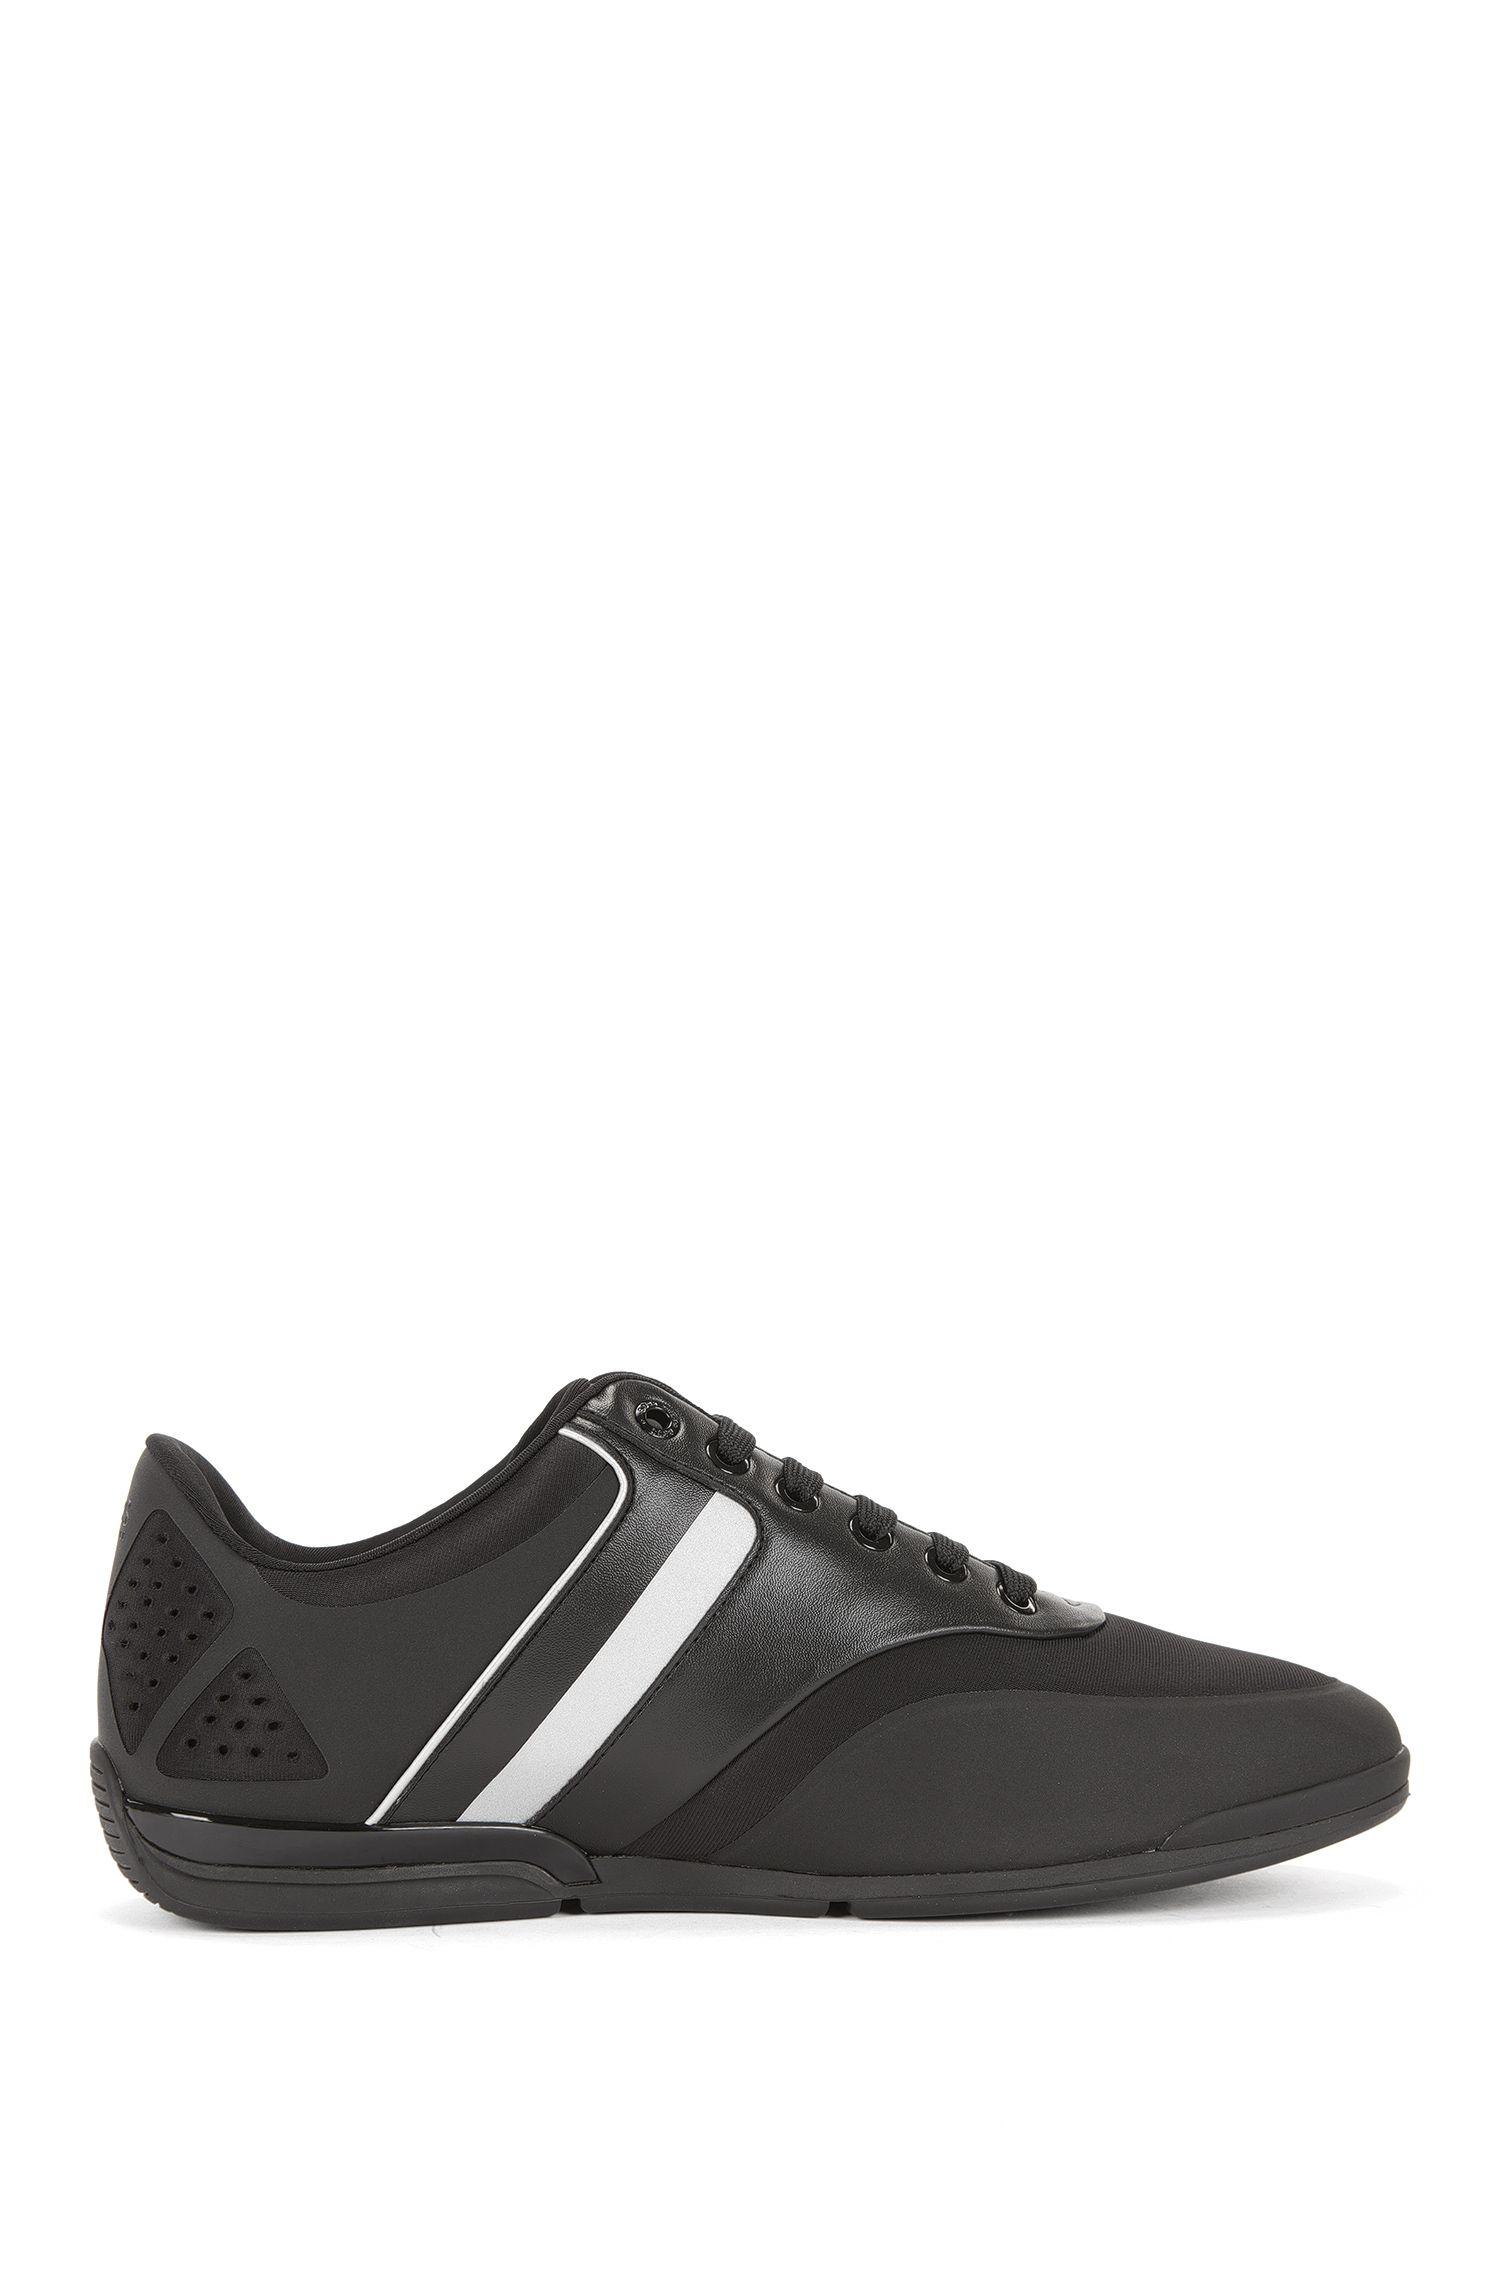 Vegan Leather Sneaker | Saturn Lowp Neo